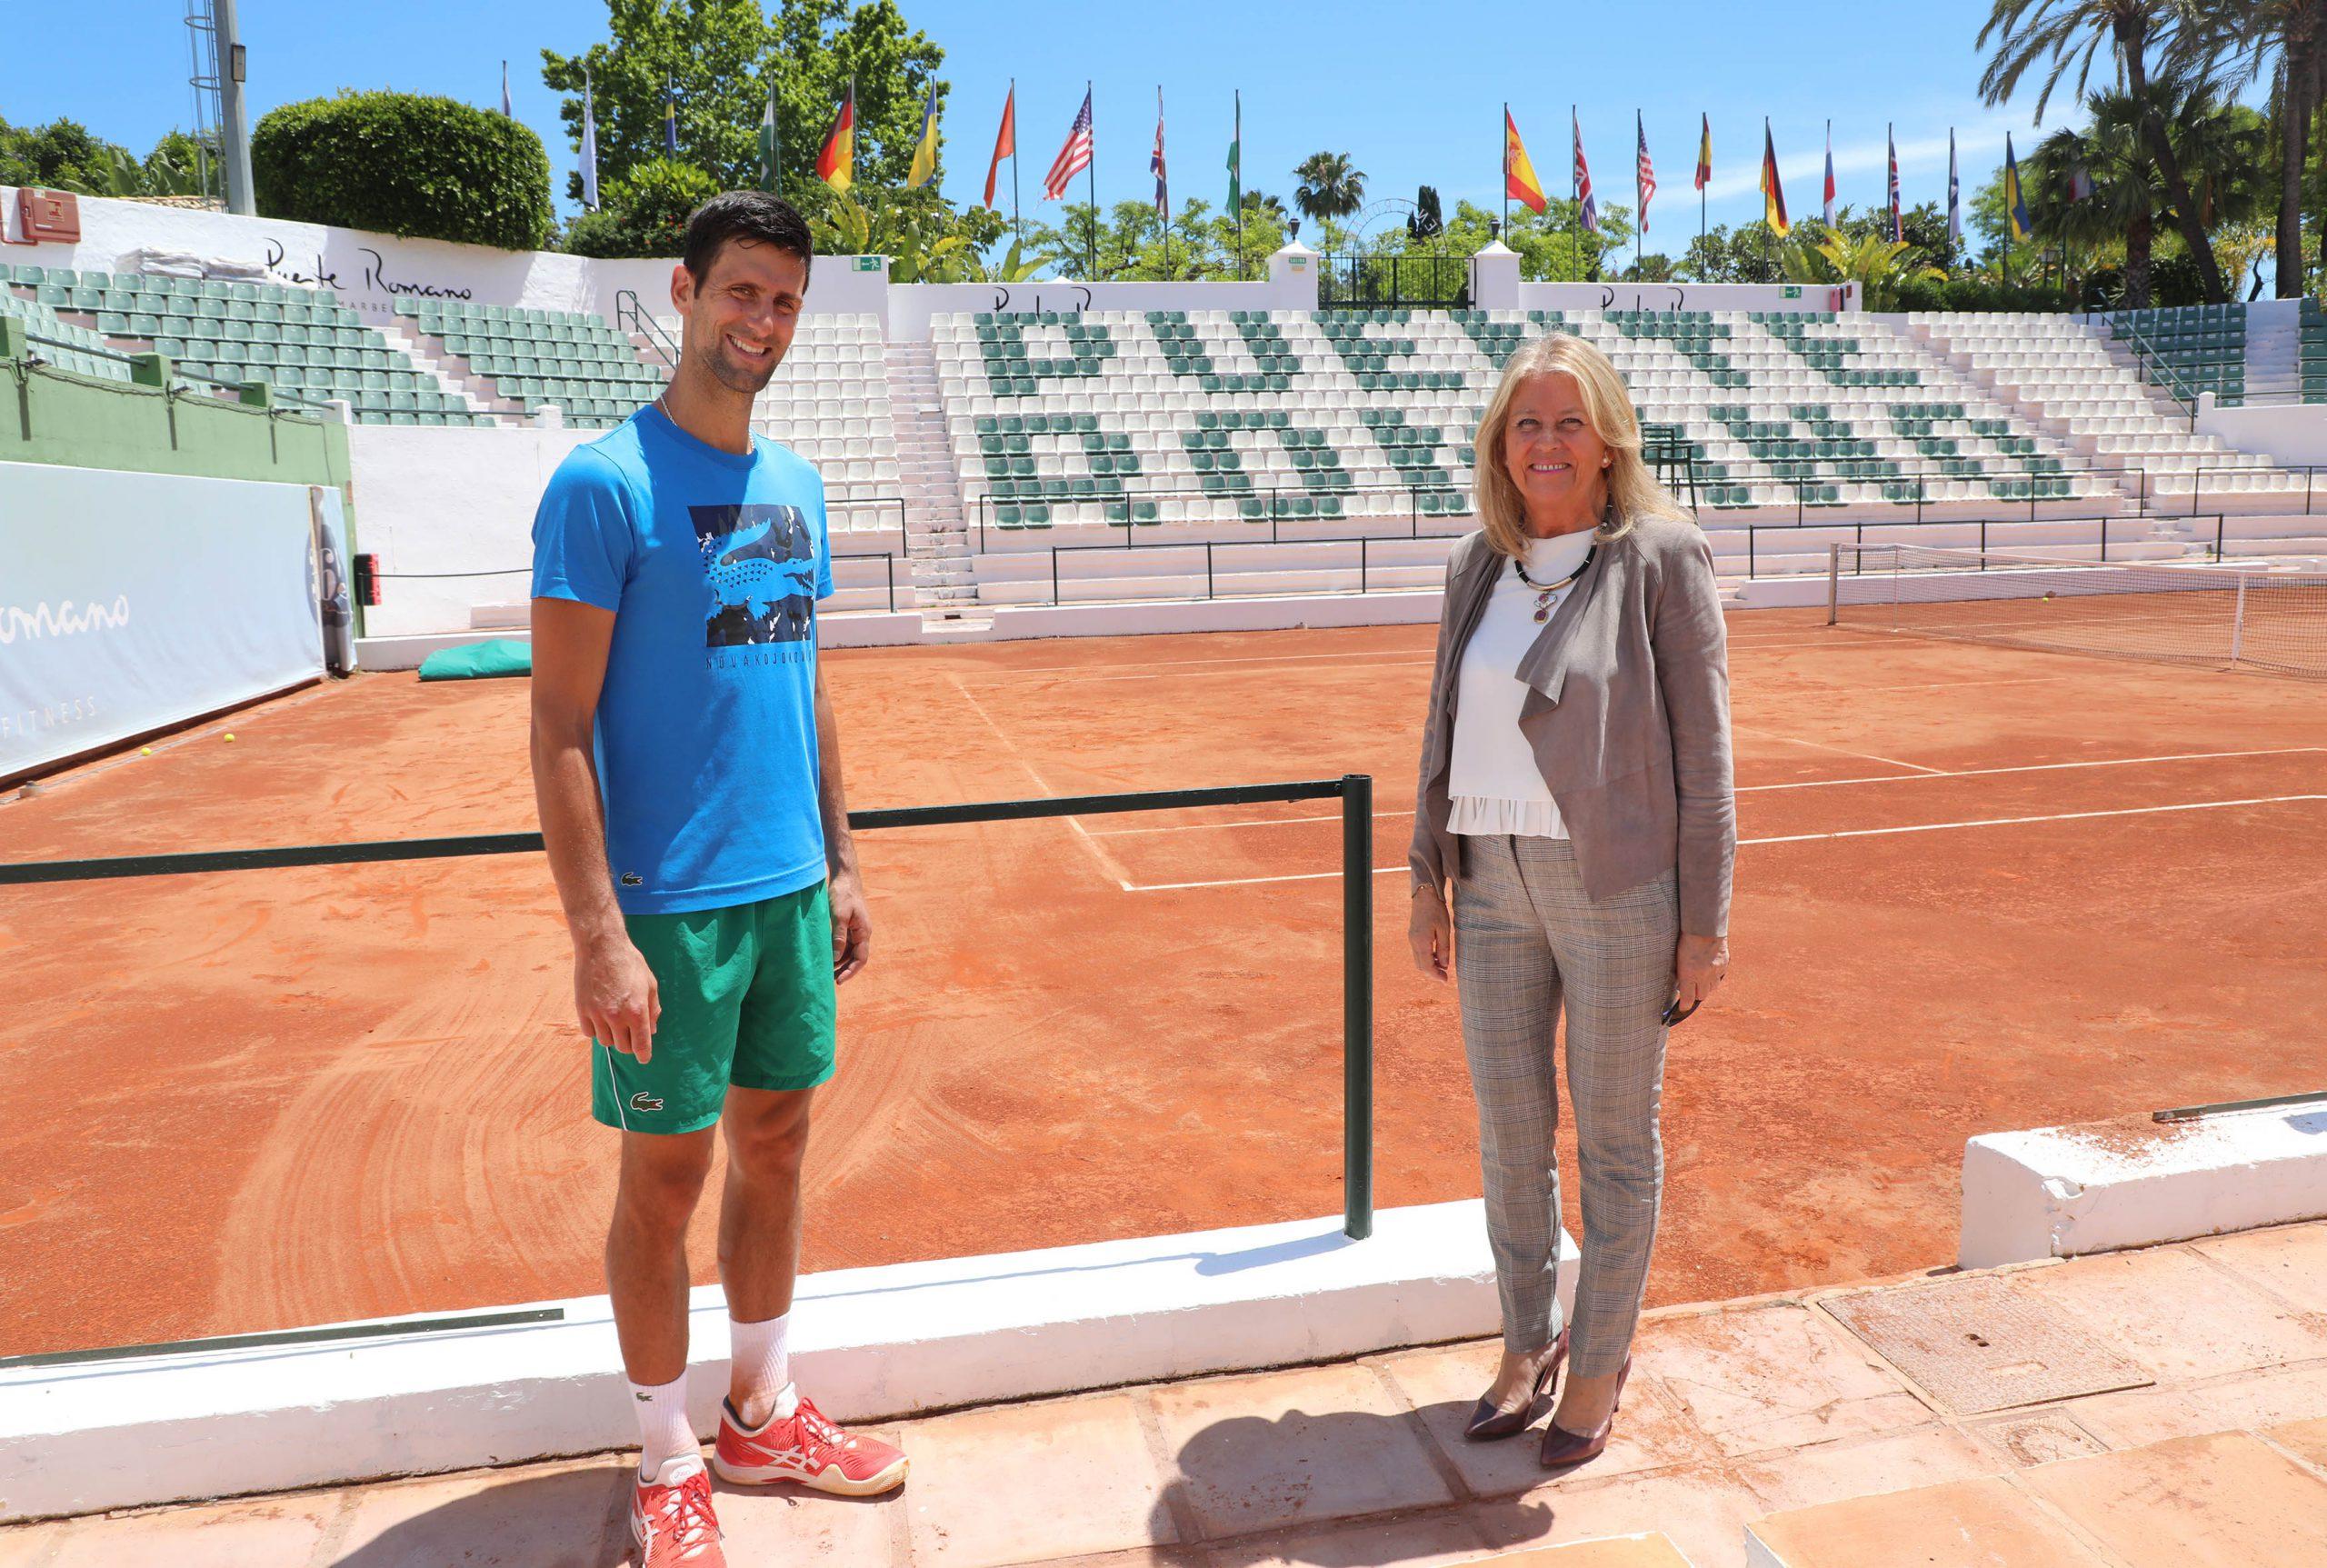 Marbella se prepara para reforzar su posicionamiento como sede del deporte de élite internacional